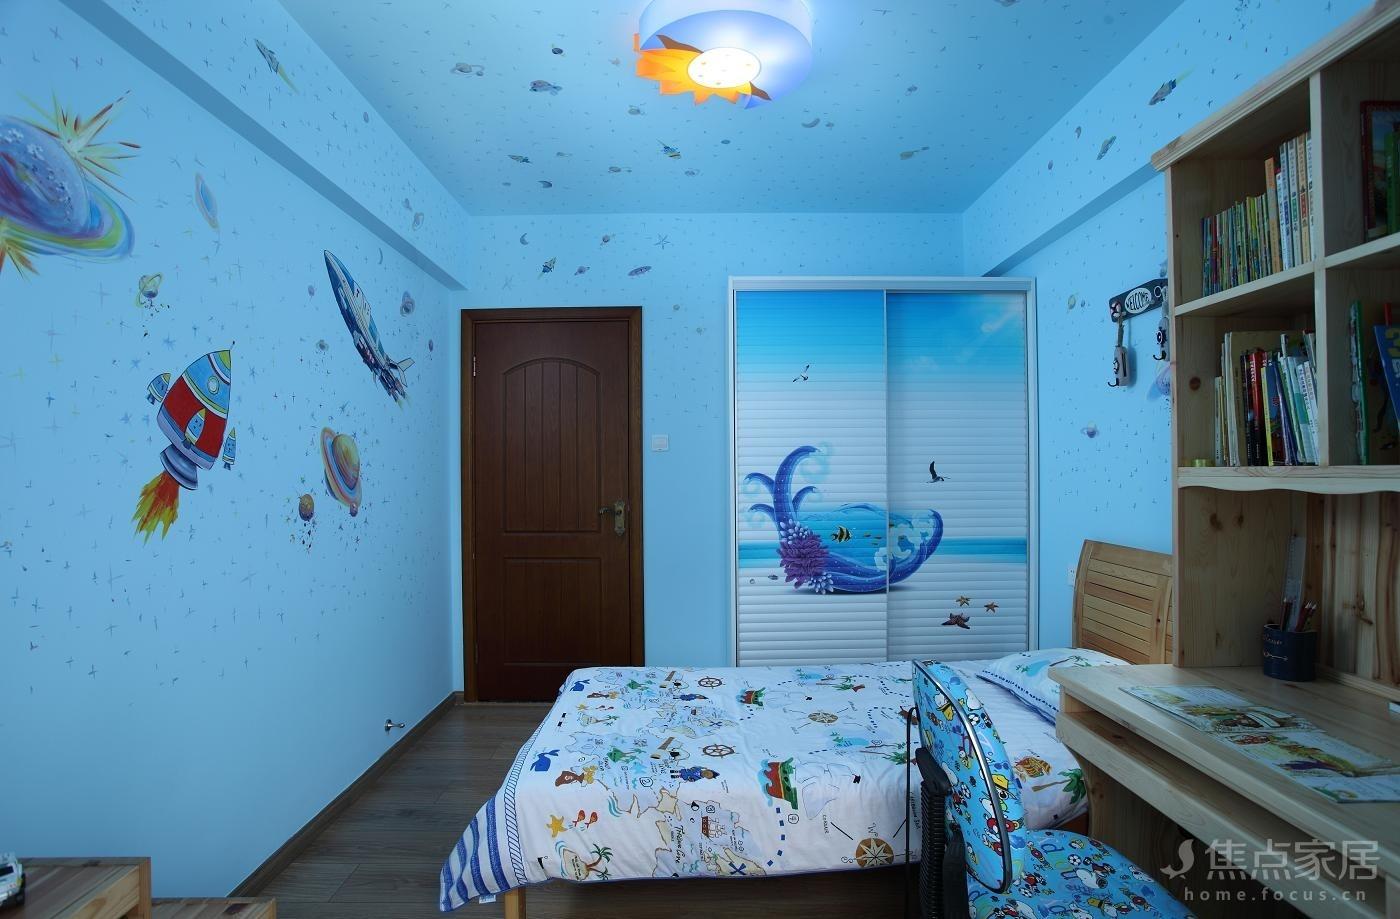 海洋主题的墙绘儿童房是最受儿童喜欢的墙绘之一,生活中不常见到